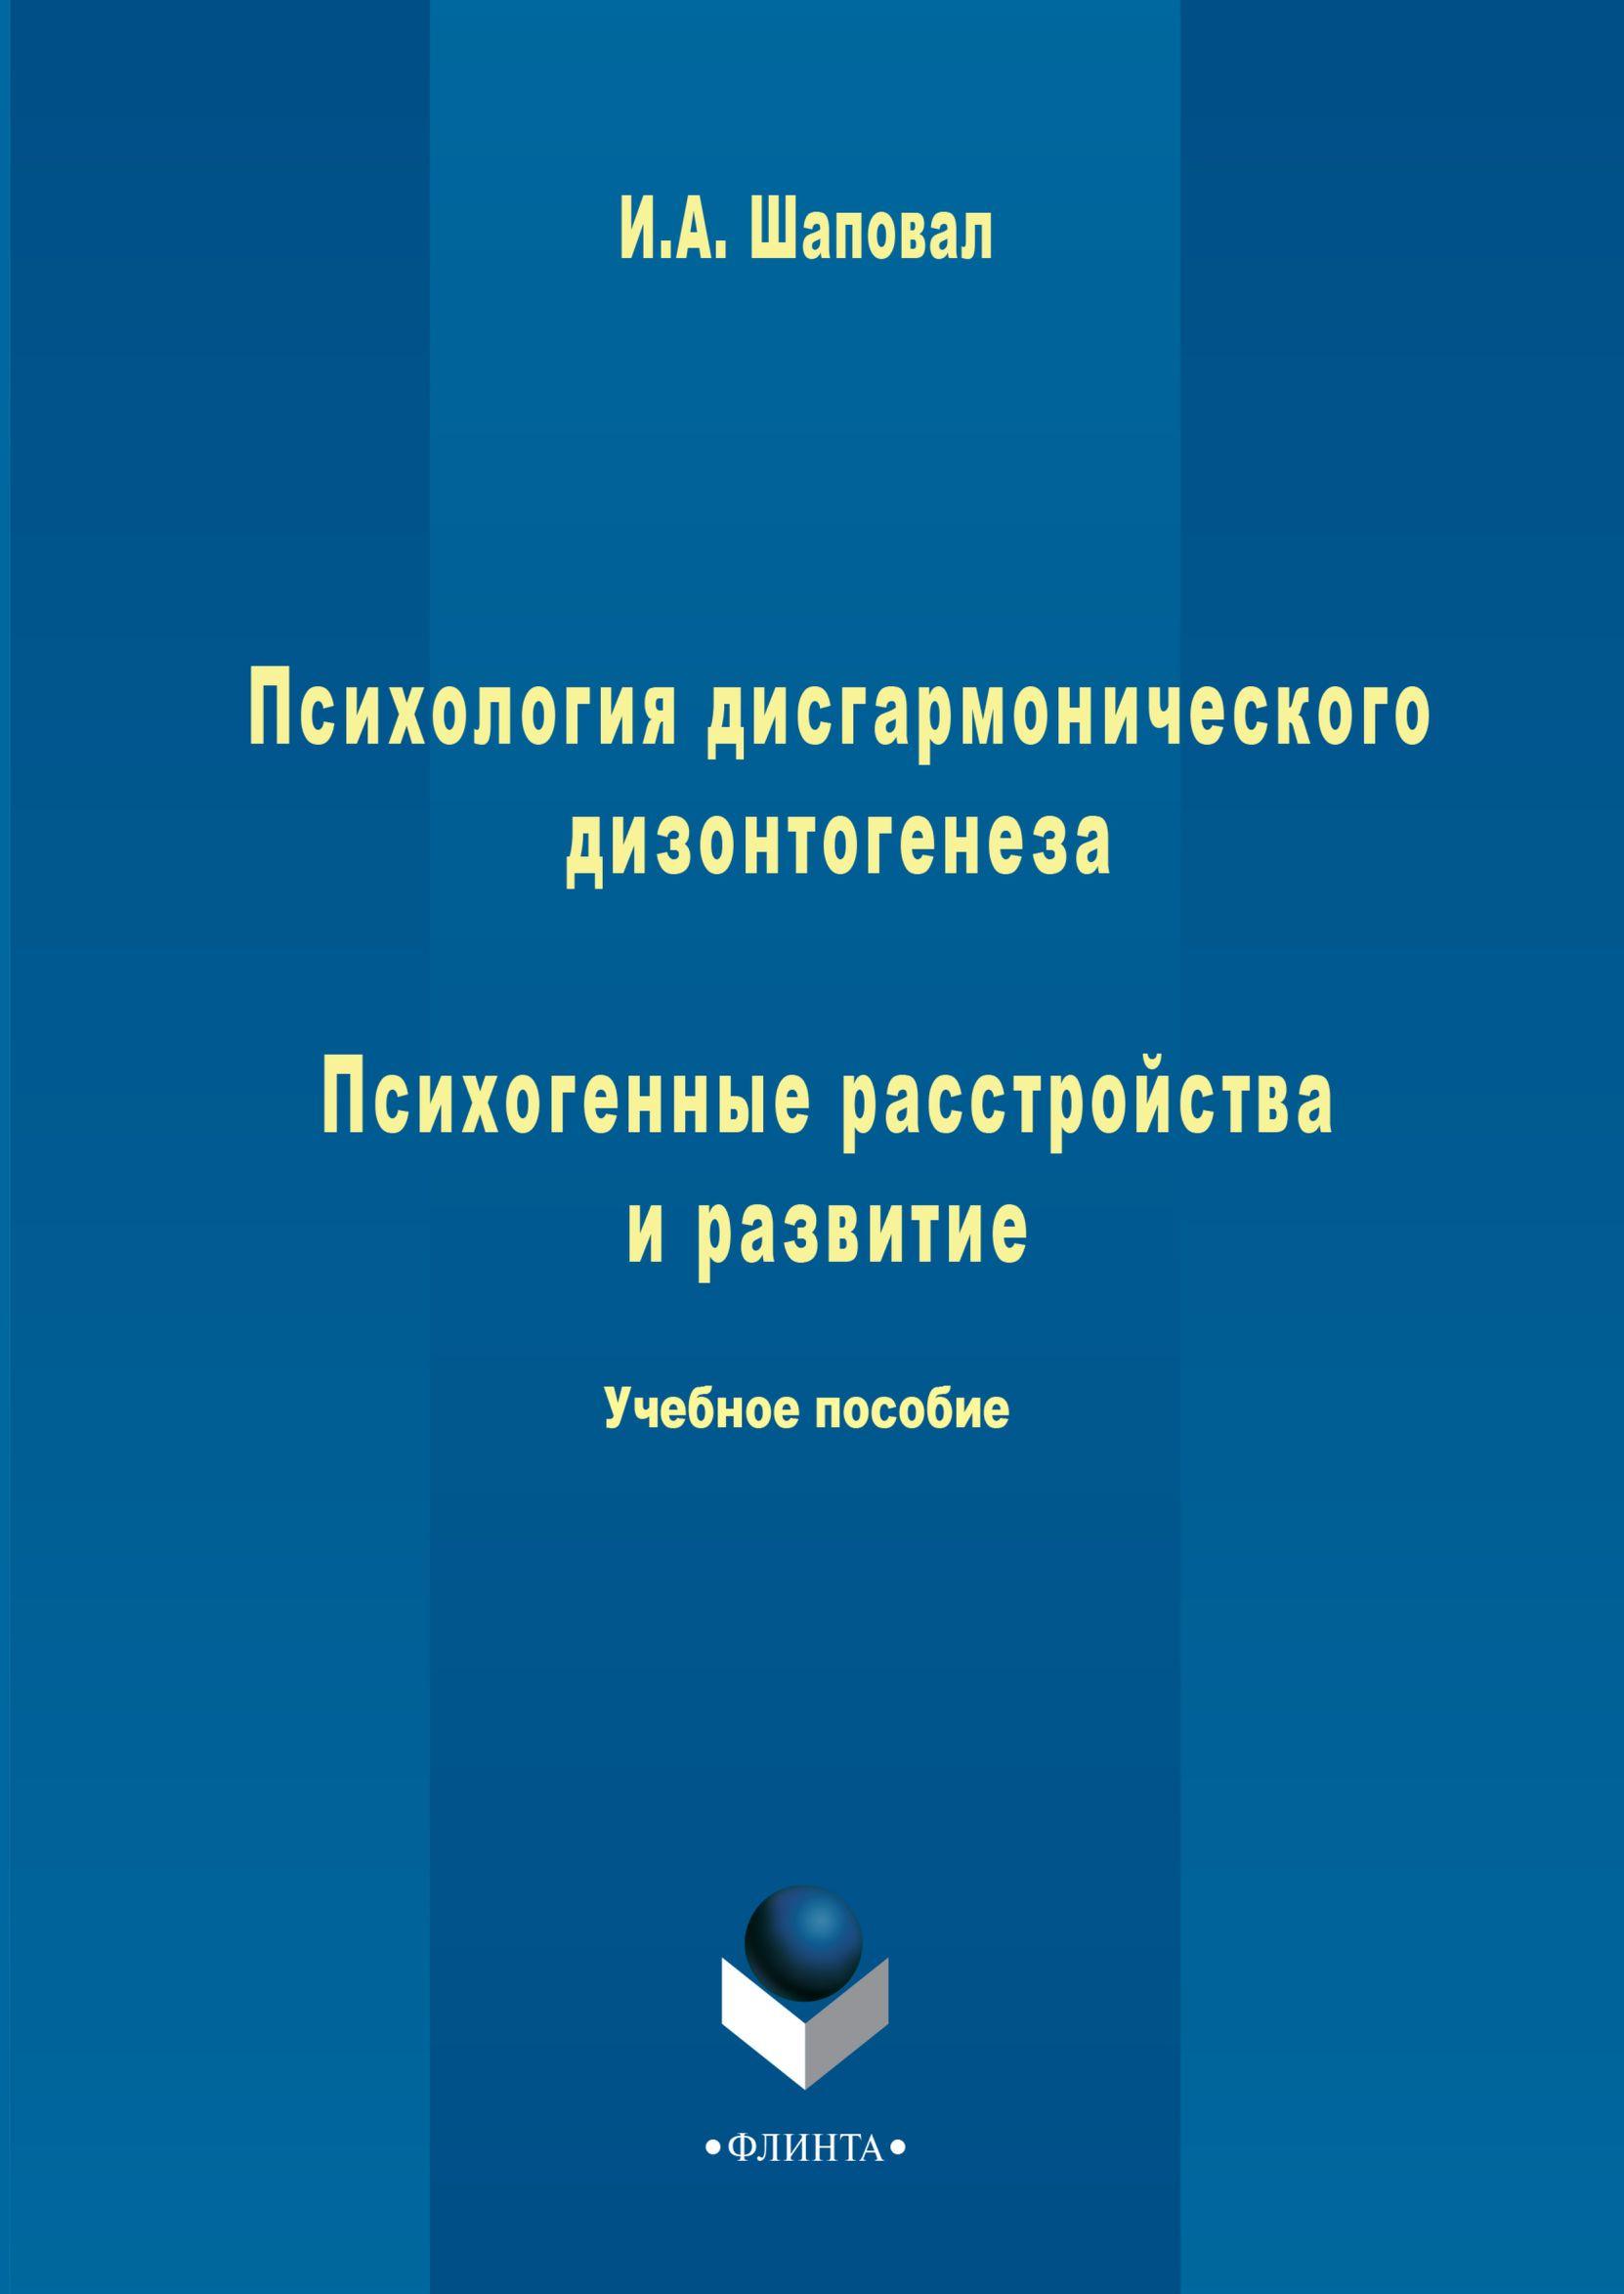 Психология дисгармонического дизонтогенеза. Часть 2. Психогенные расстройства и развитие ( Ирина Анатольевна Шаповал  )